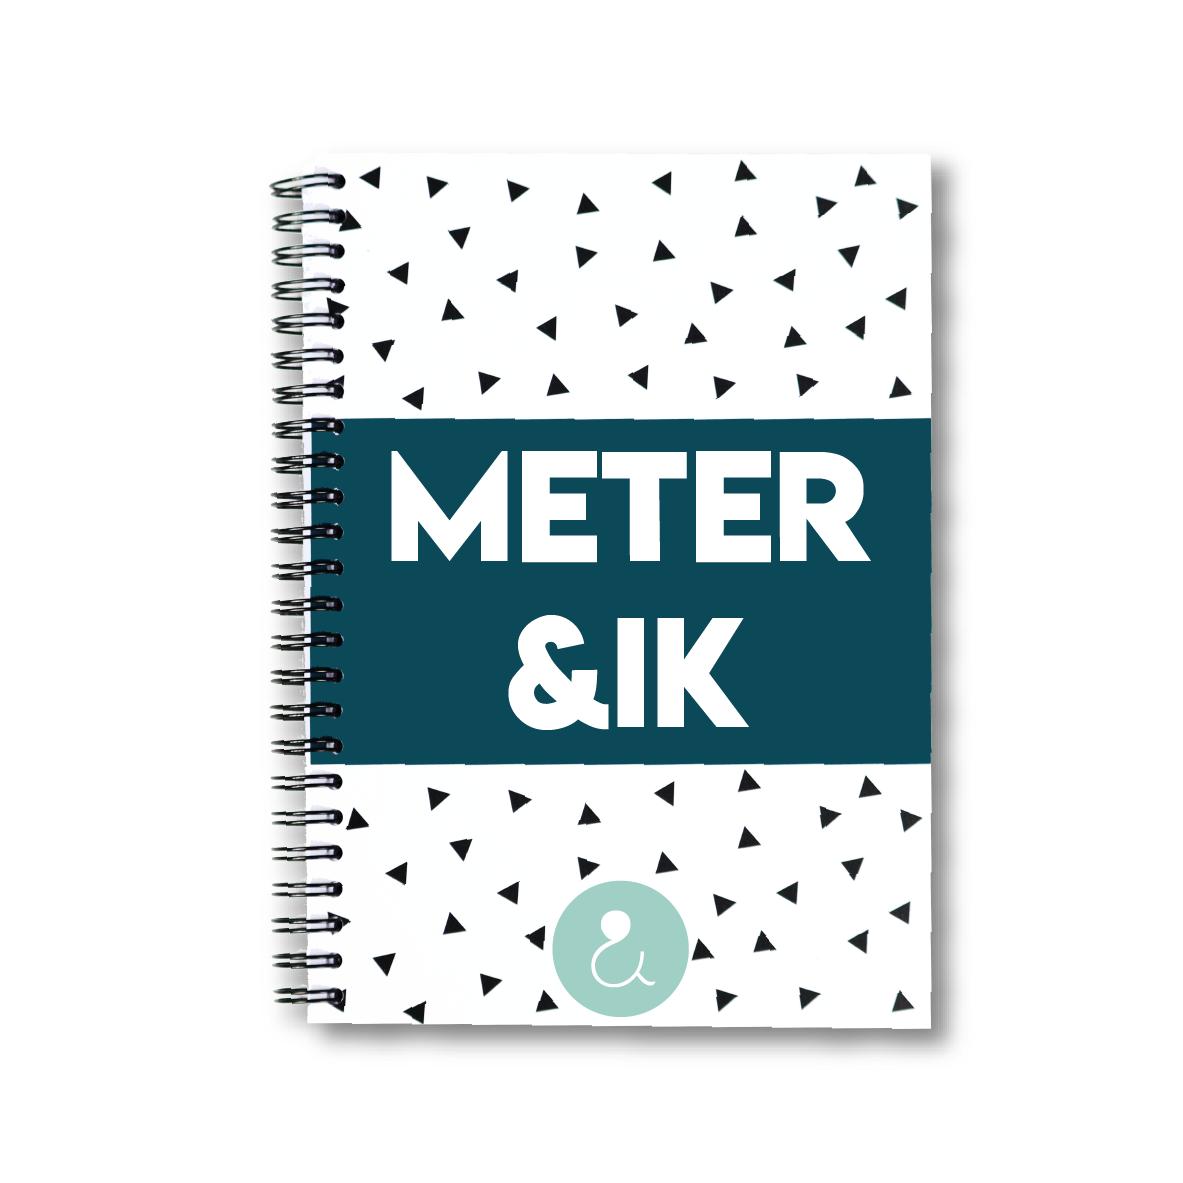 Meter&ik   invulboek voor de meter (mint stip)